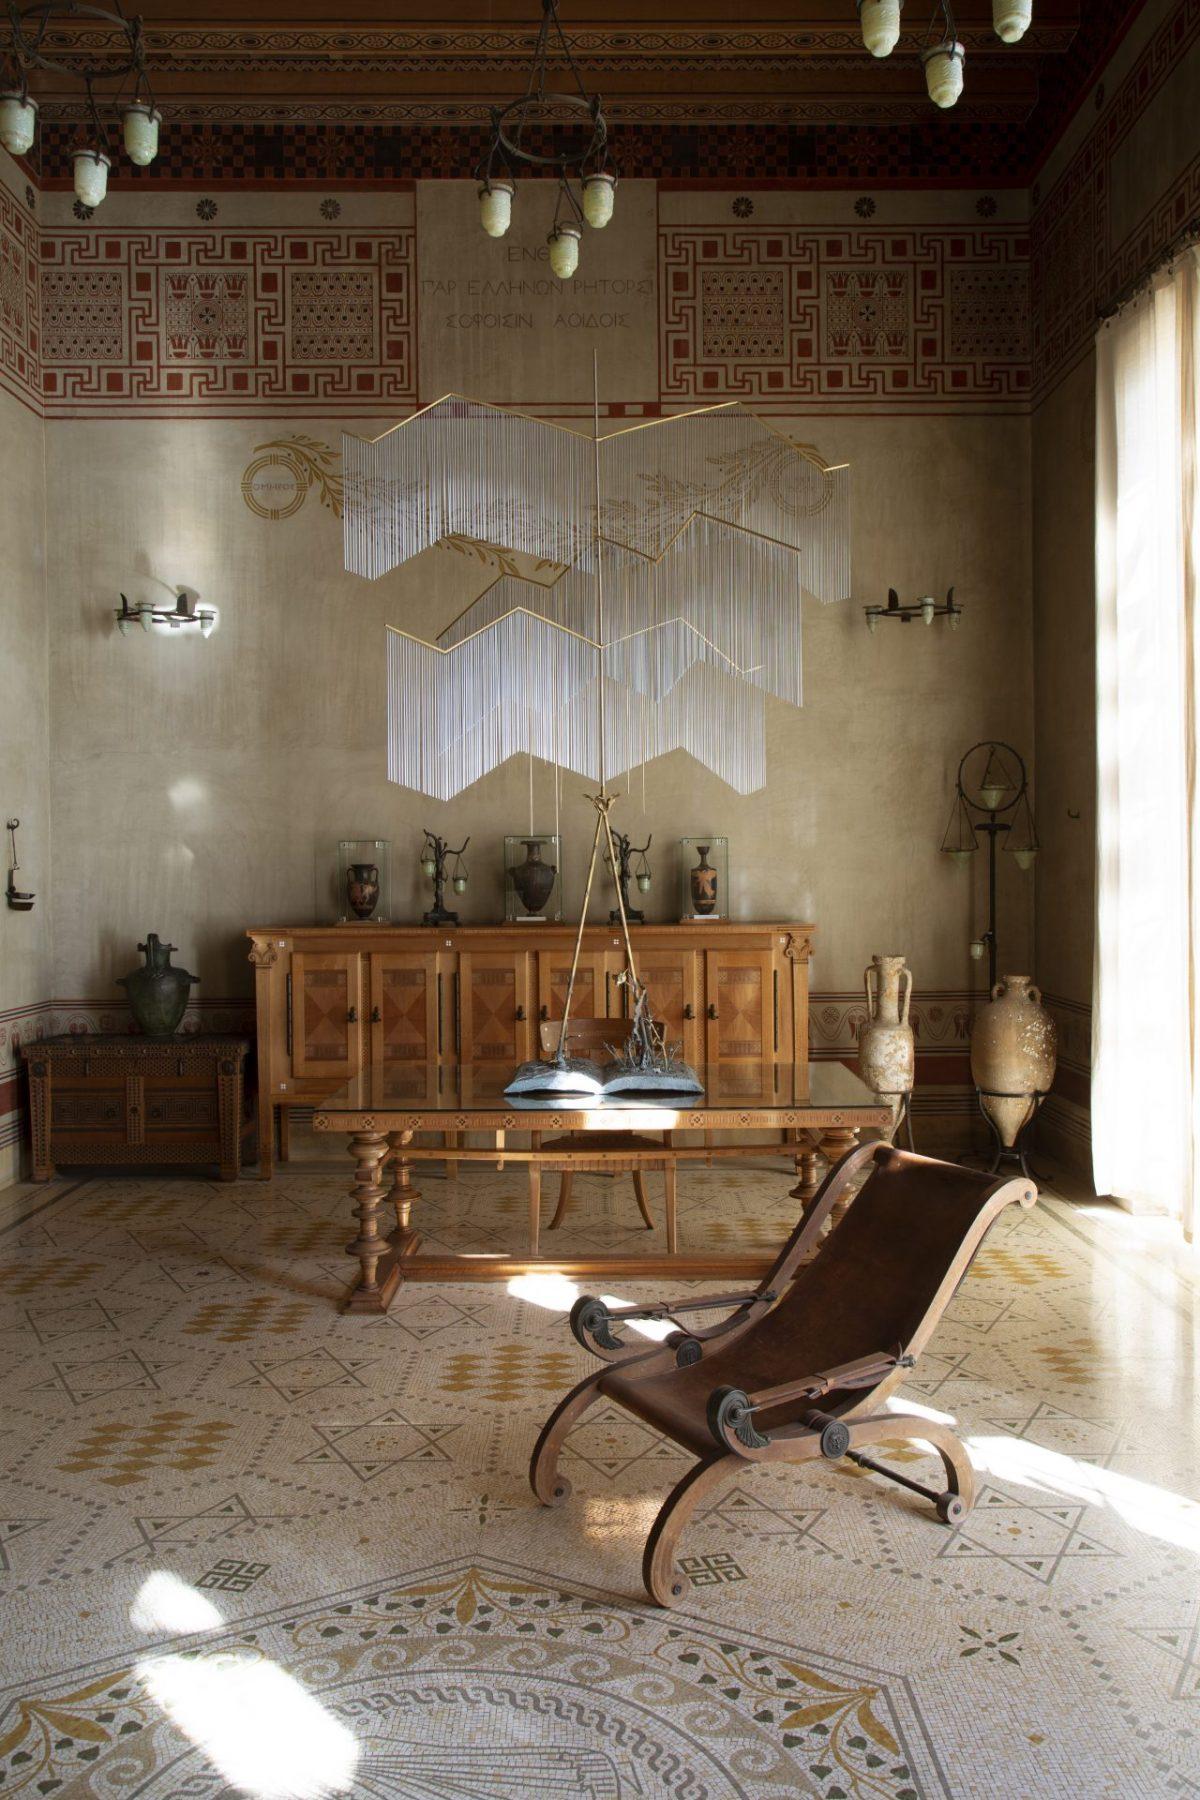 Une fantaisie grecque - Hubert Le Gall - Villa Kérylos - Jean-Francois Jaussaud Luxproductions 059